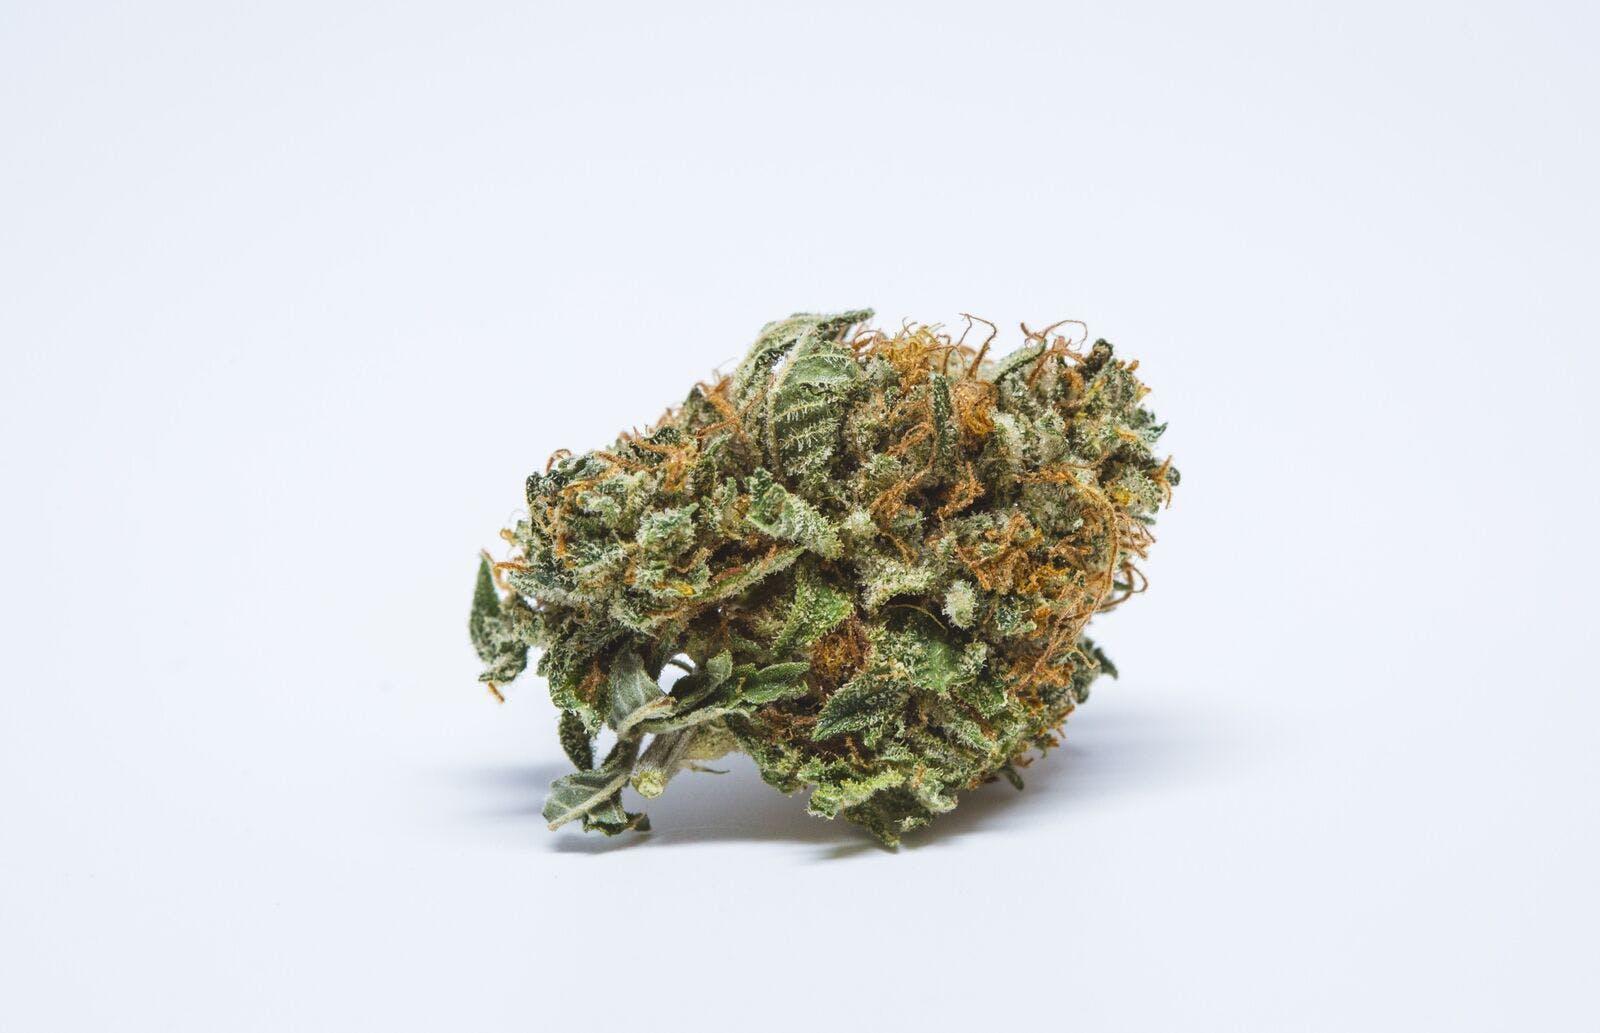 BC Big Bud Weed; BC Big Bud Cannabis Strain; BC Big Bud Hybrid Marijuana Strain